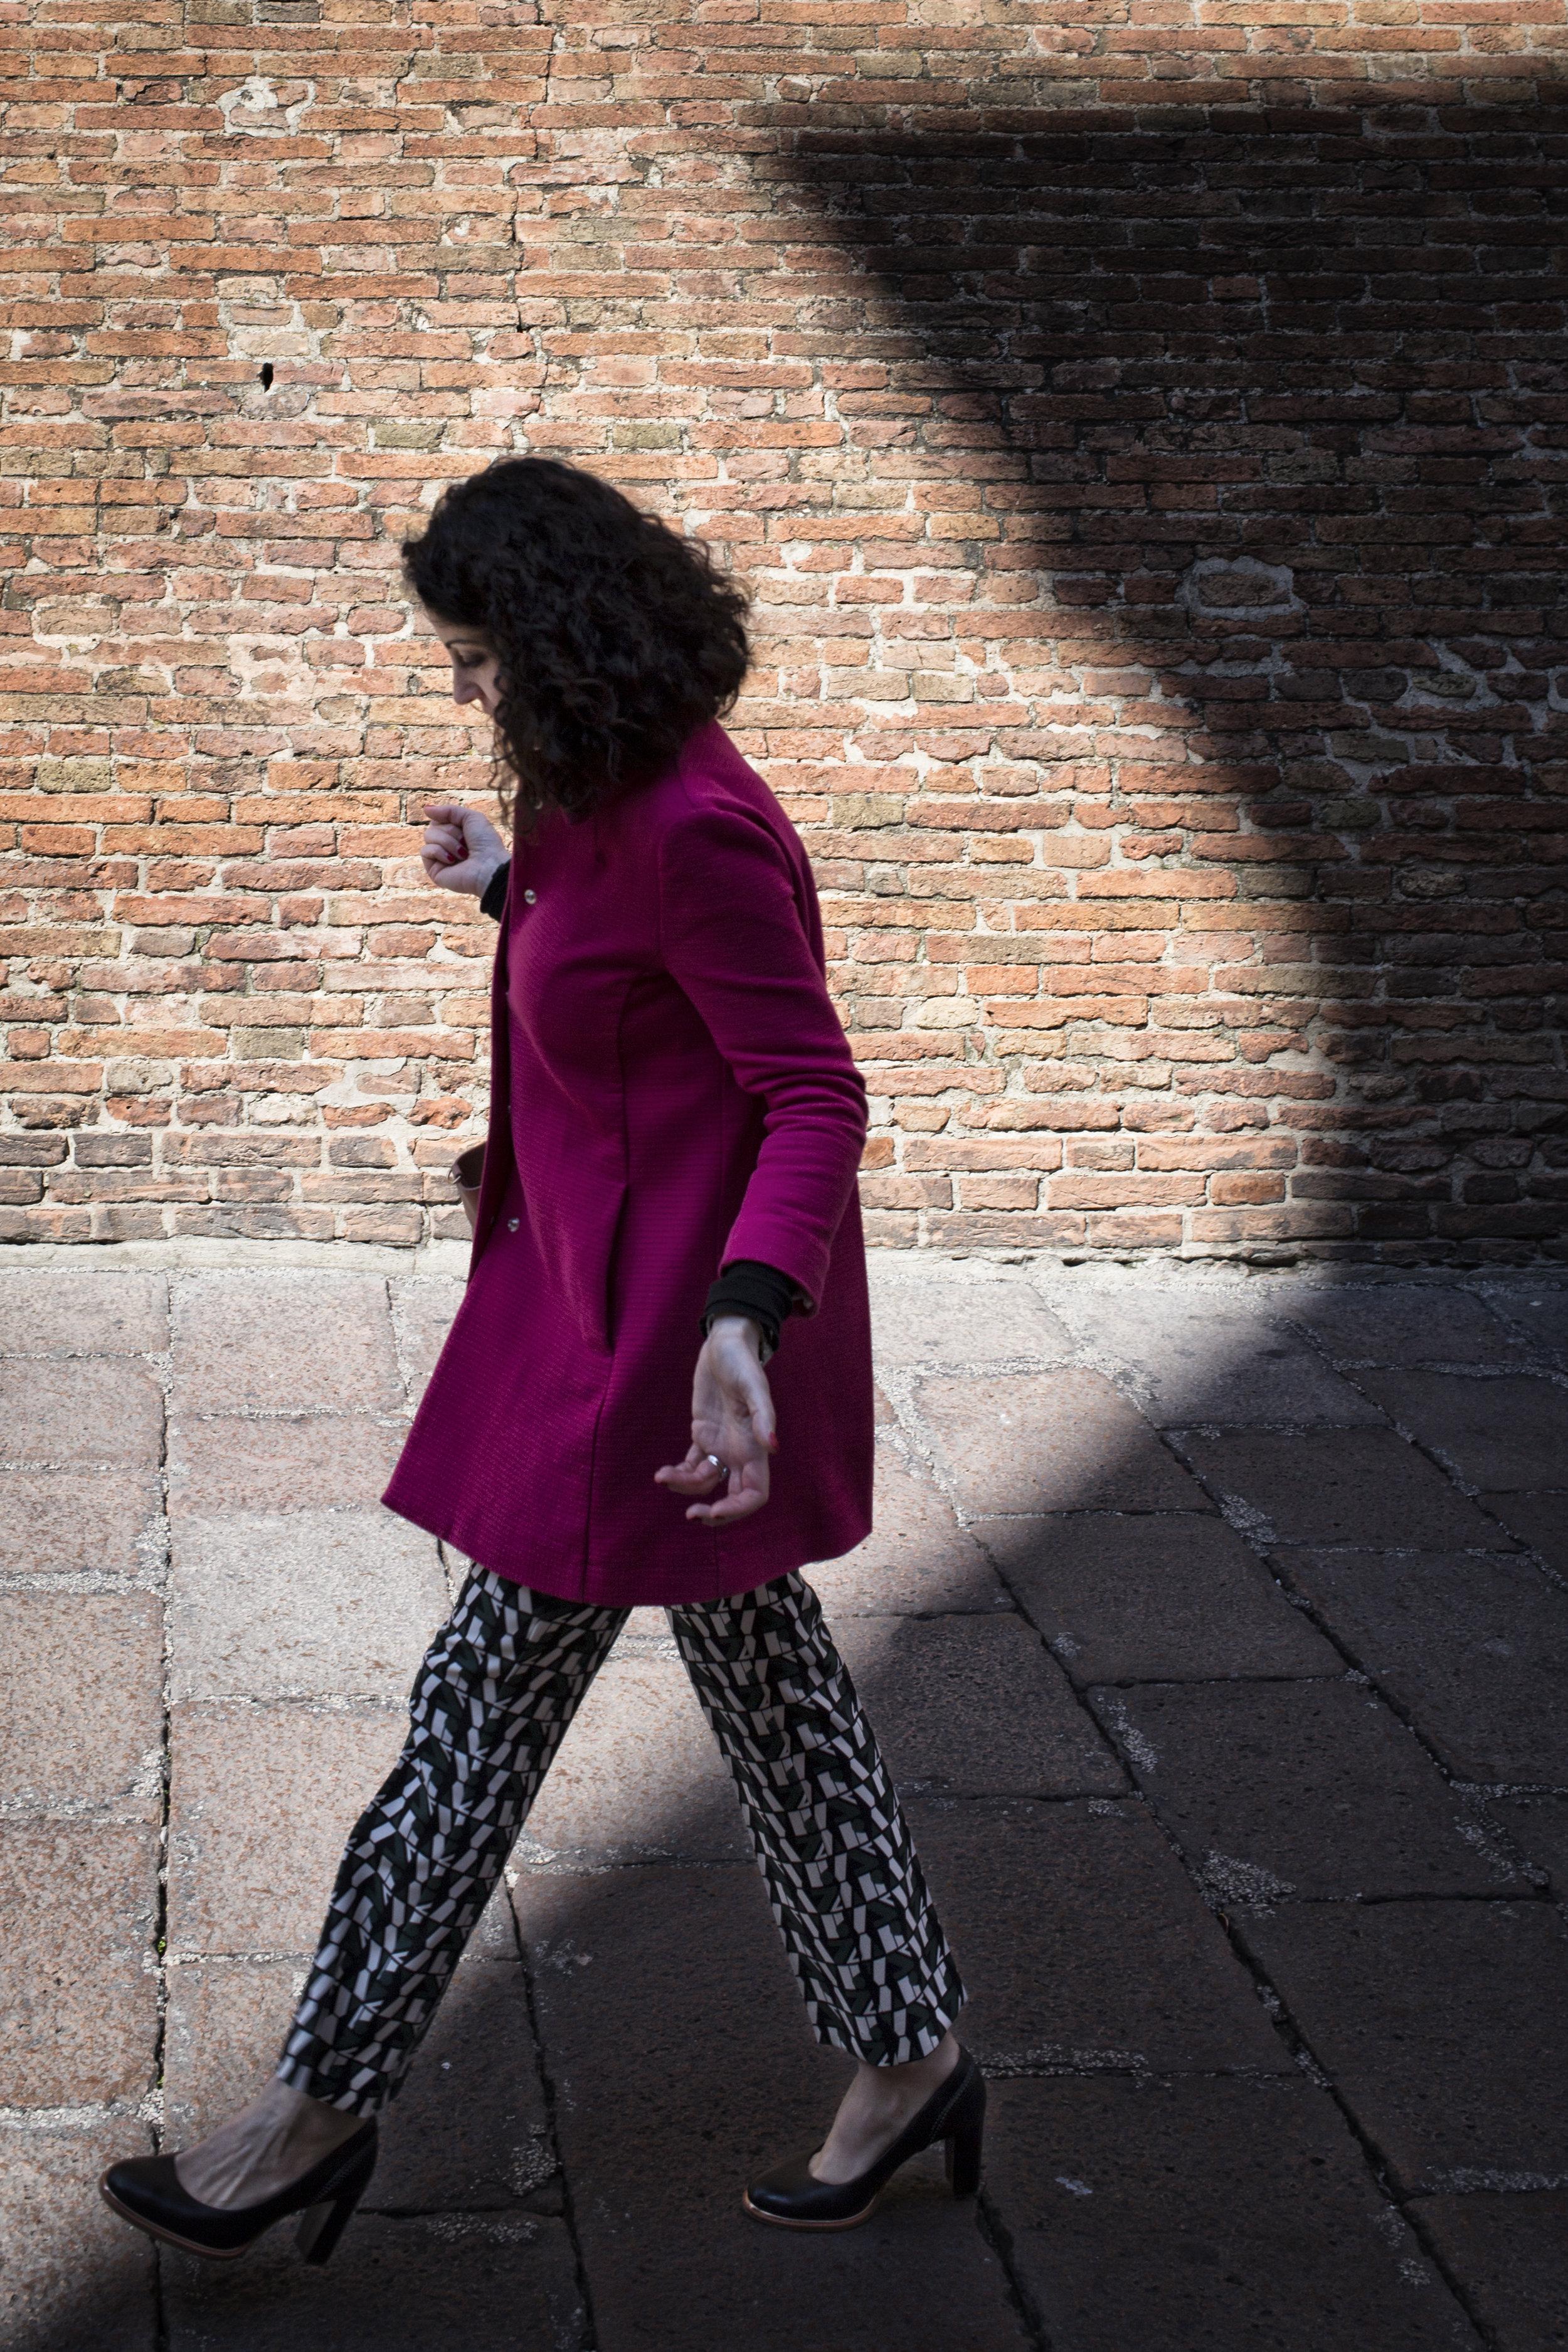 13_Bologna_MarcoZanoni.jpg